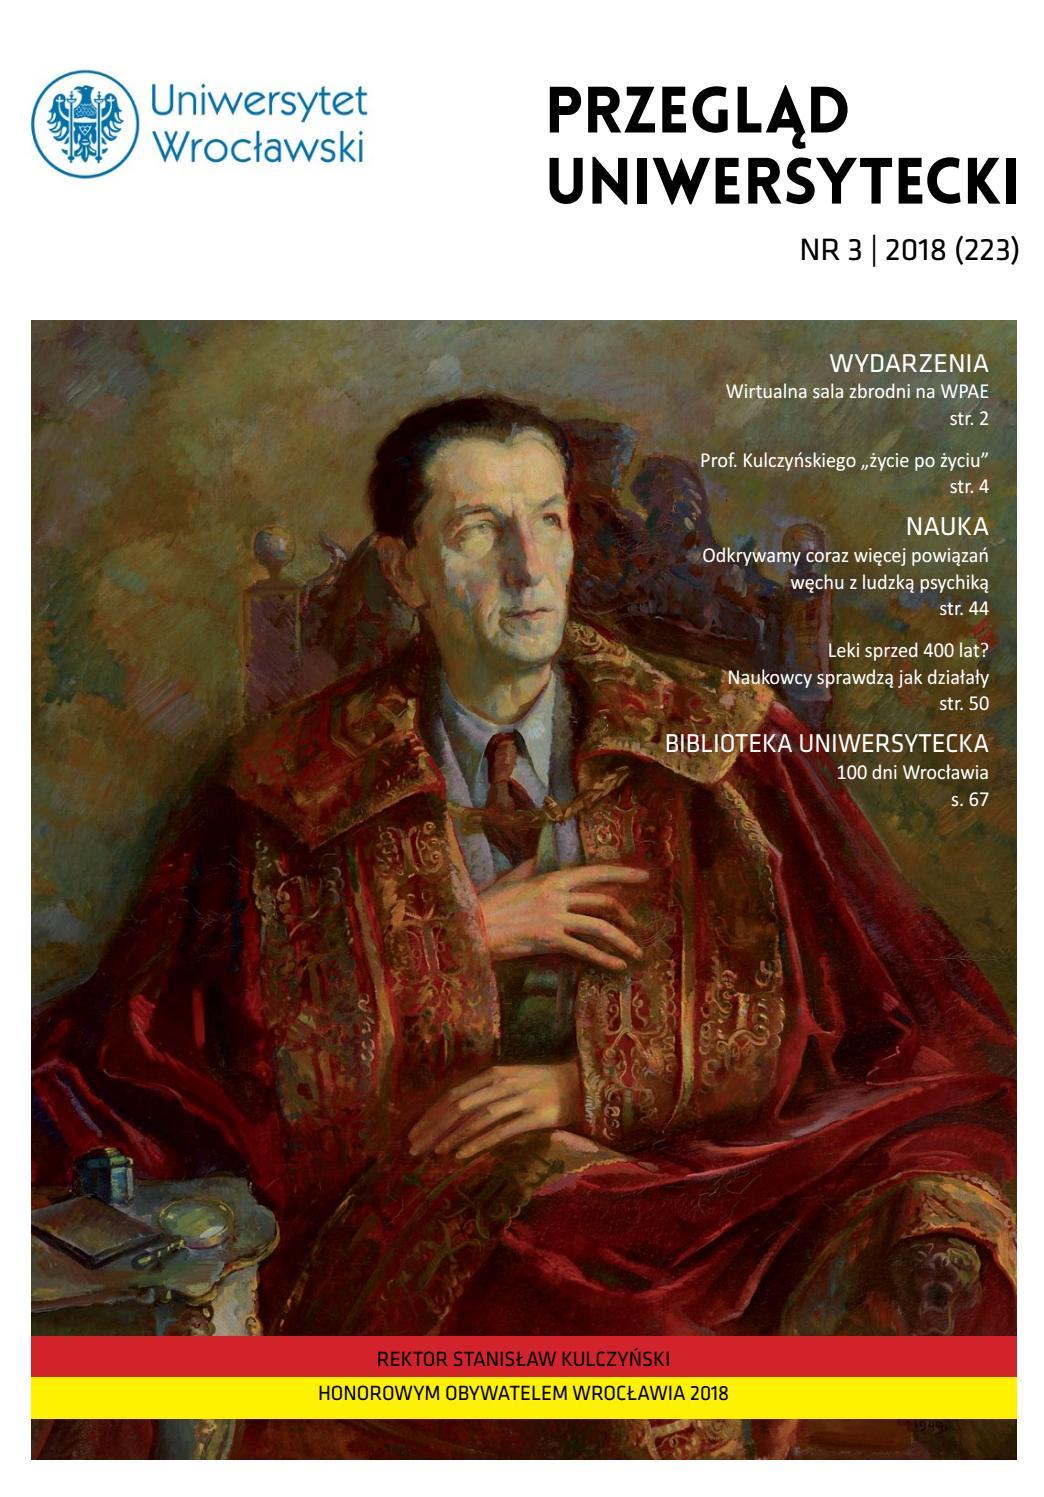 15ba4efafc35b7 Przegląd Uniwersytecki (Wrocław) R.24 Nr 3 (223) 2018 by Uniwersytet  Wrocławski - issuu